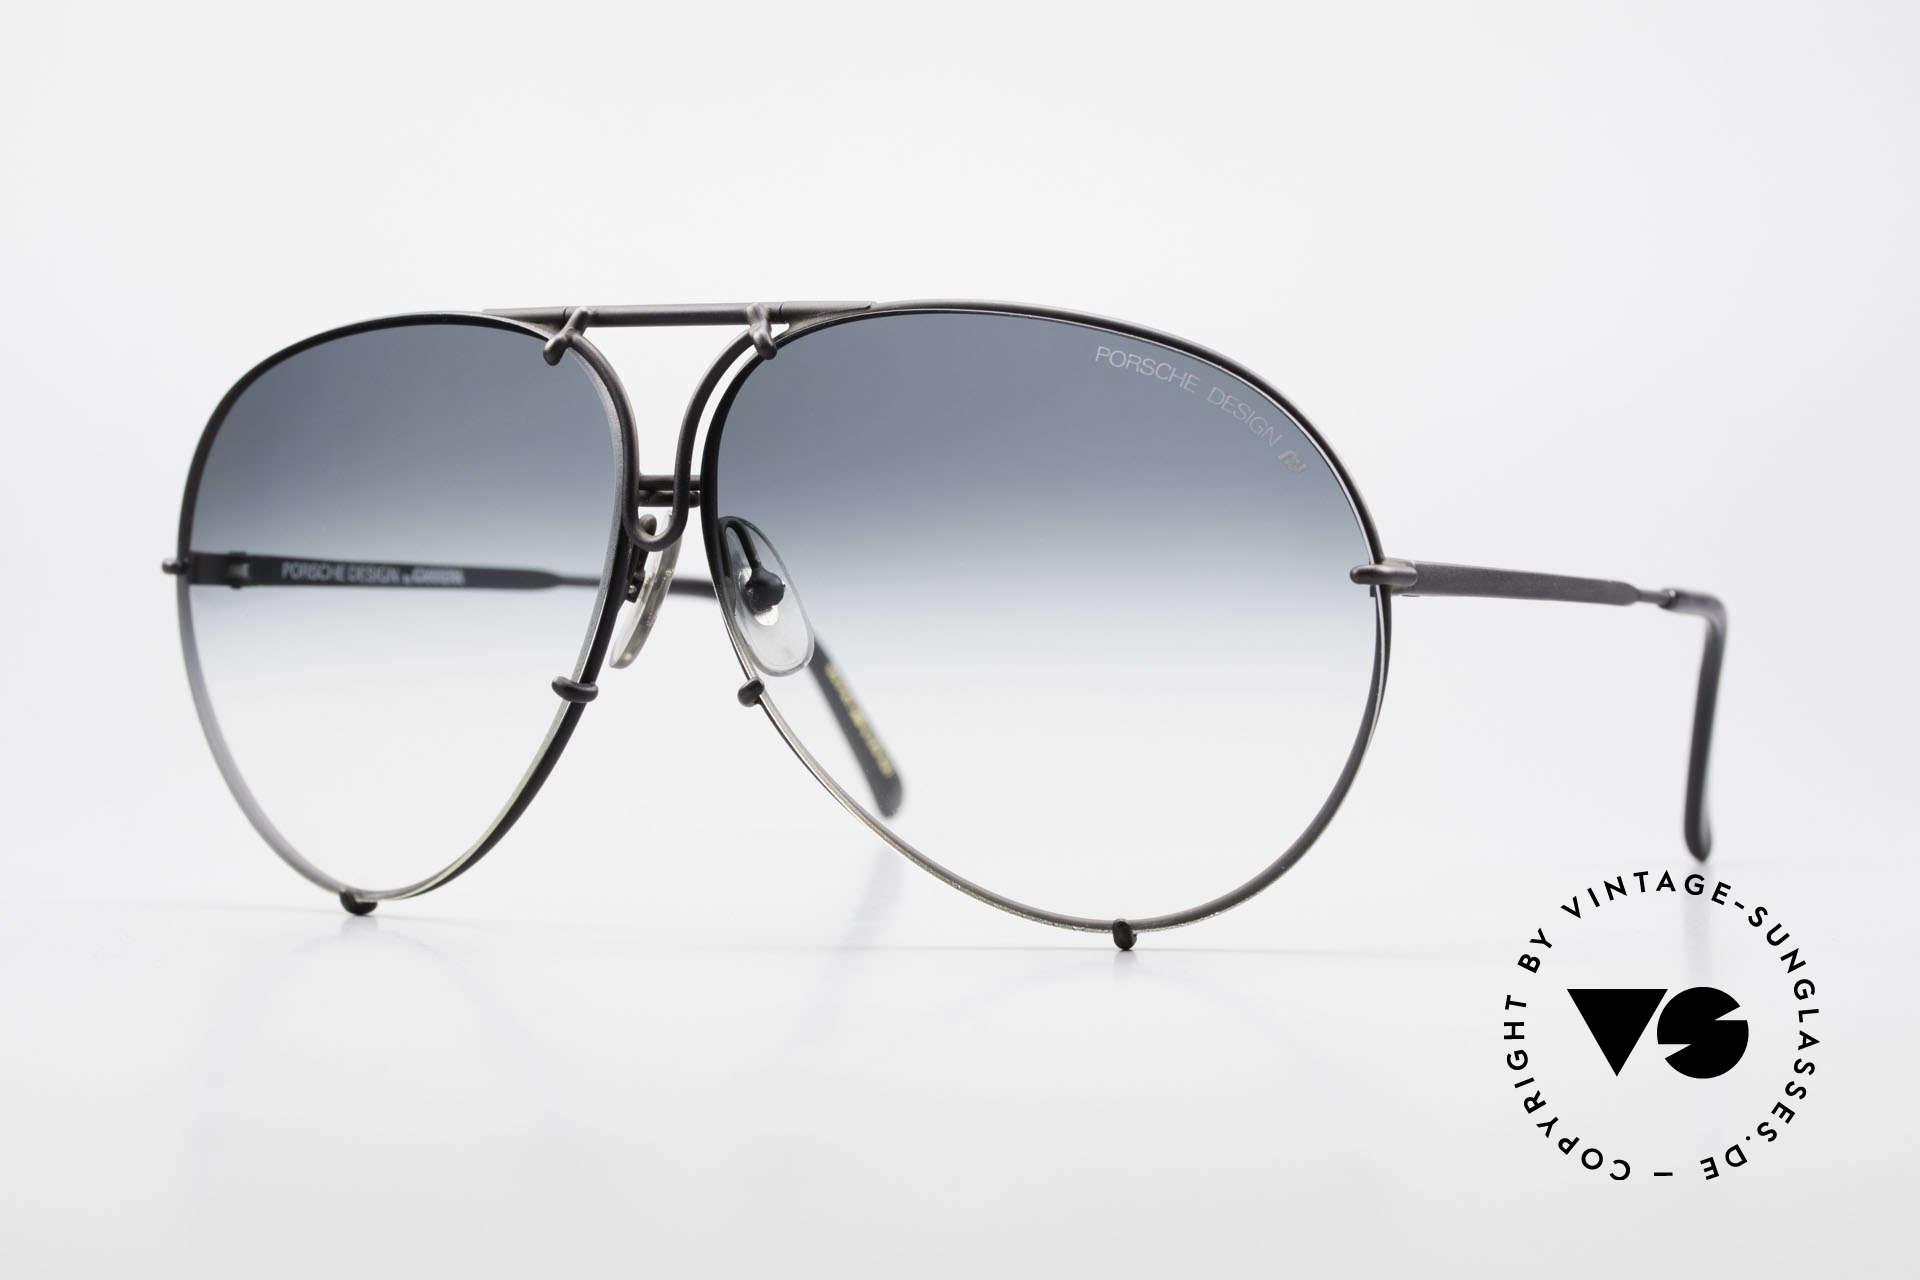 Porsche 5621 Alte 80er Aviator Sonnenbrille, alte 80er Porsche Sonnenbrille mit Wechselgläsern, Passend für Herren